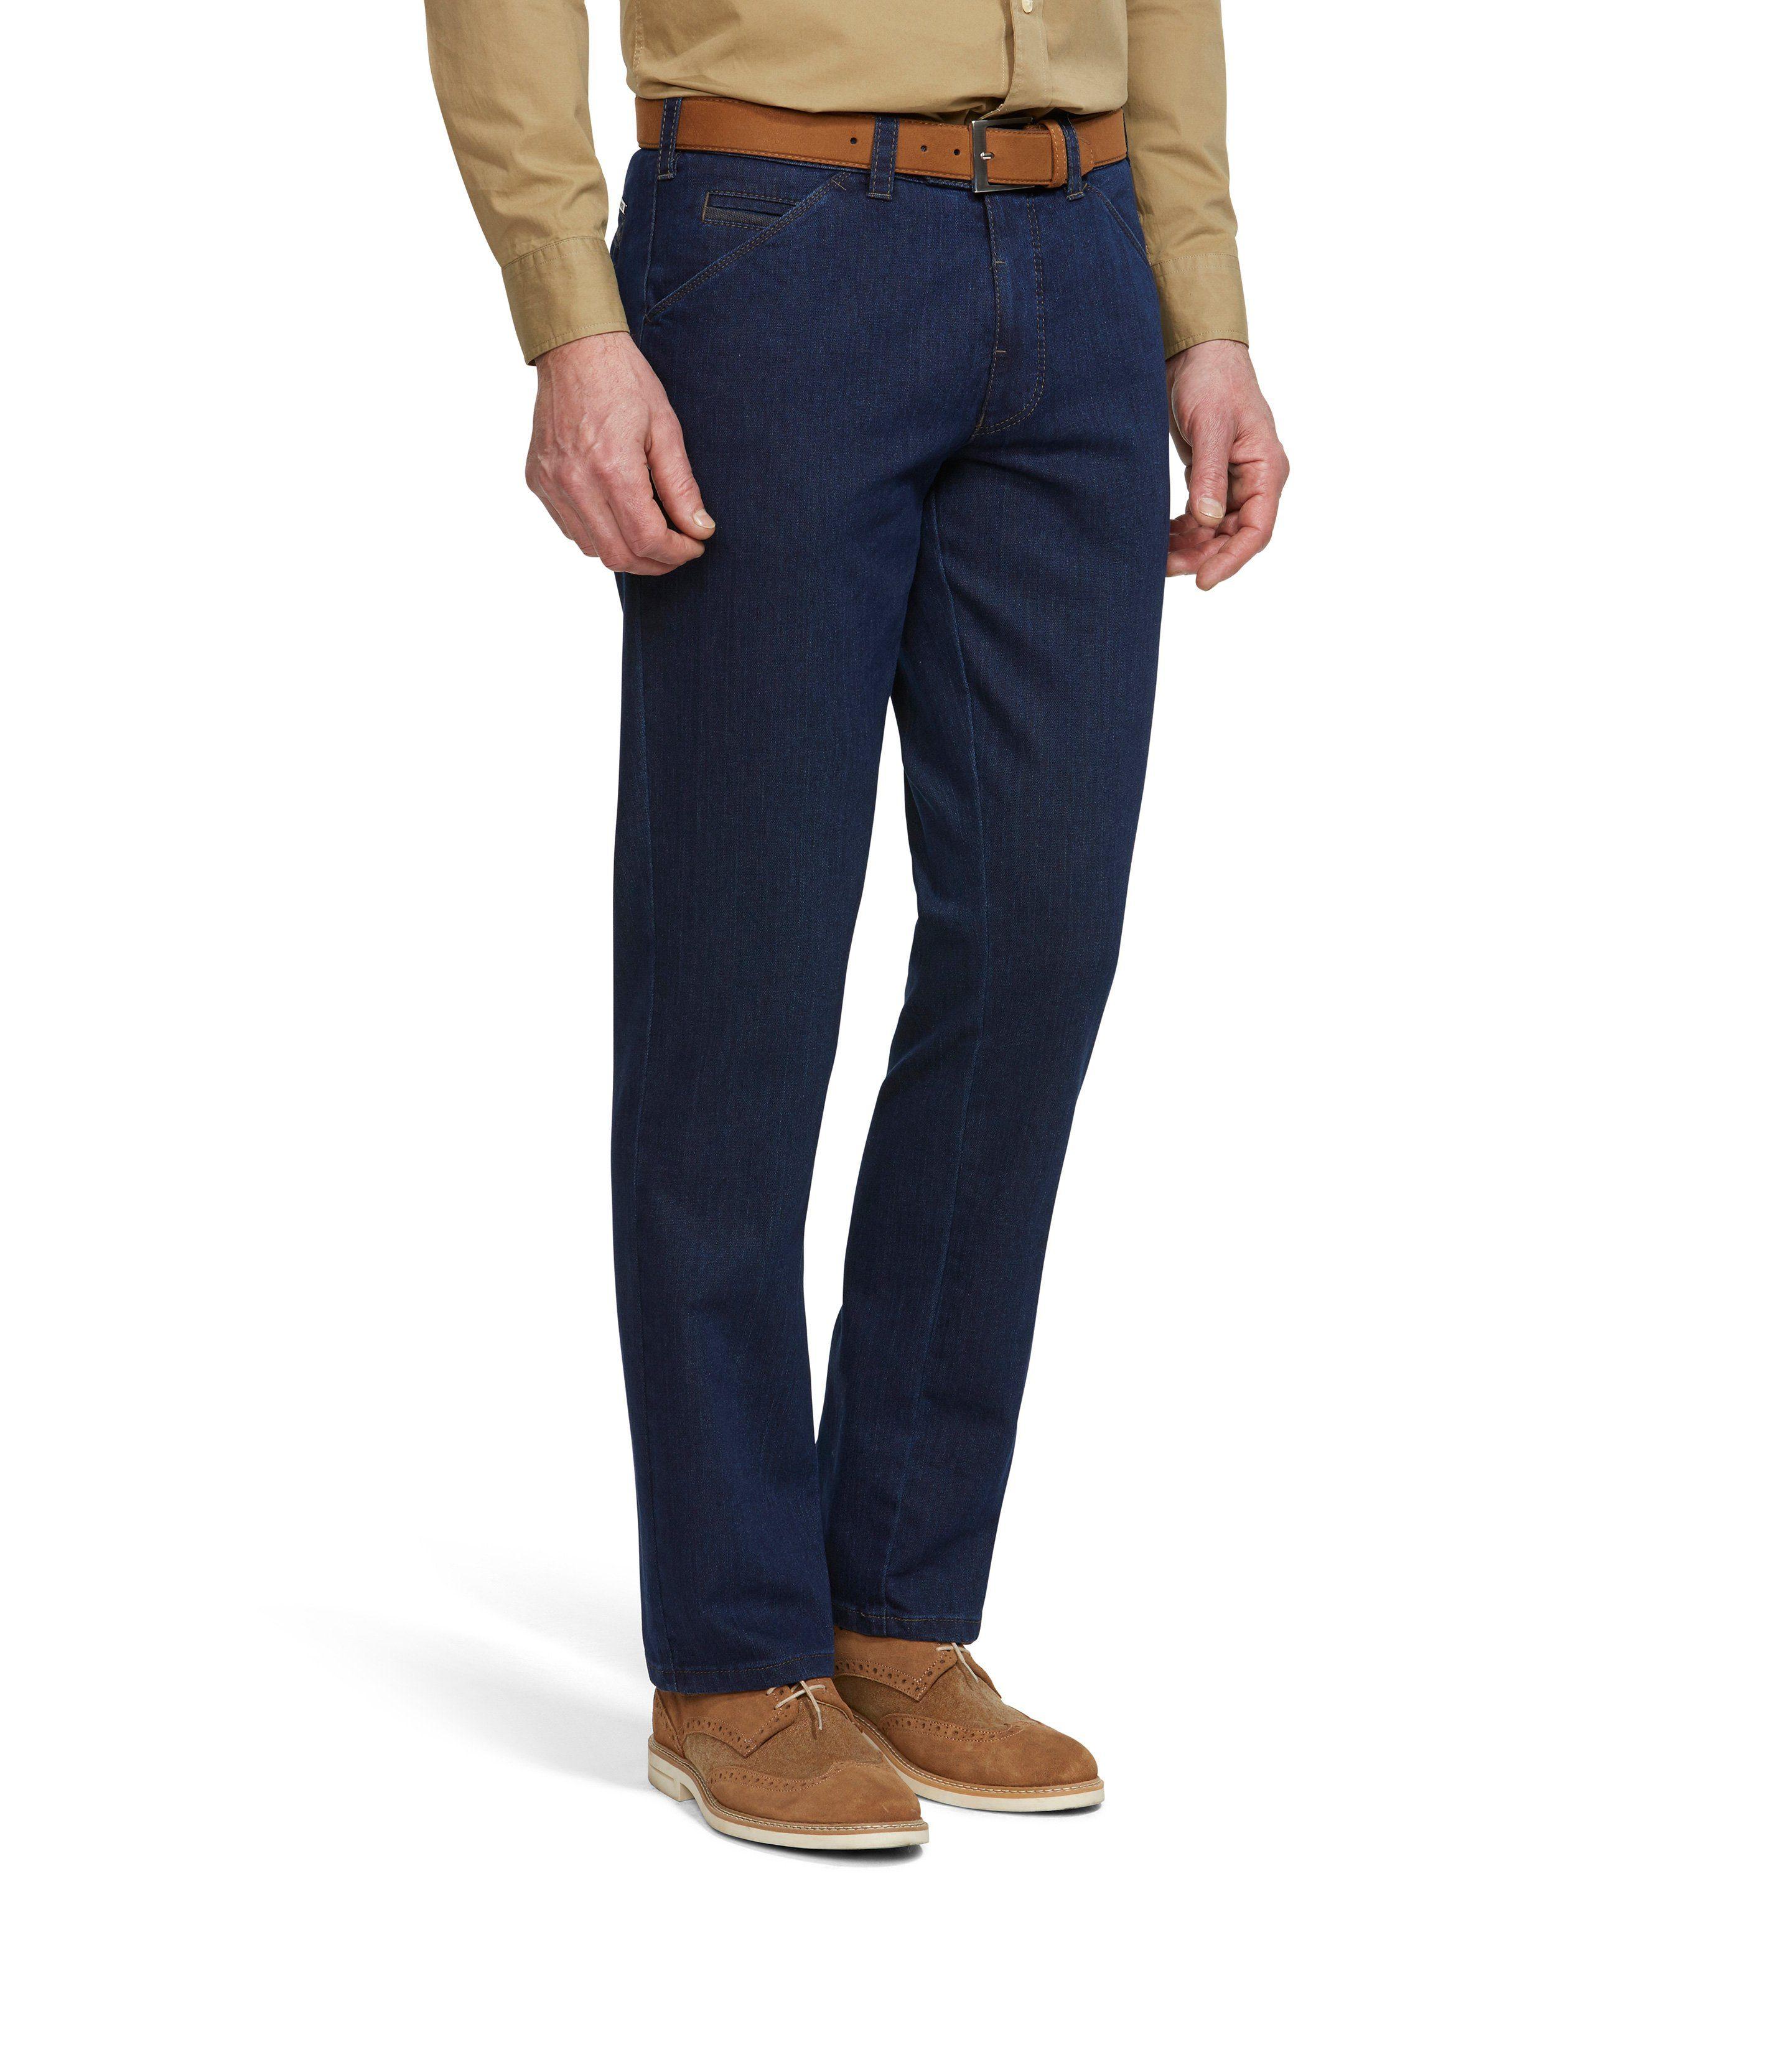 MEYER Herren Hose CHICAGO | Bekleidung > Hosen > Sonstige Hosen | Blau | Jeans - Modal | MEYER